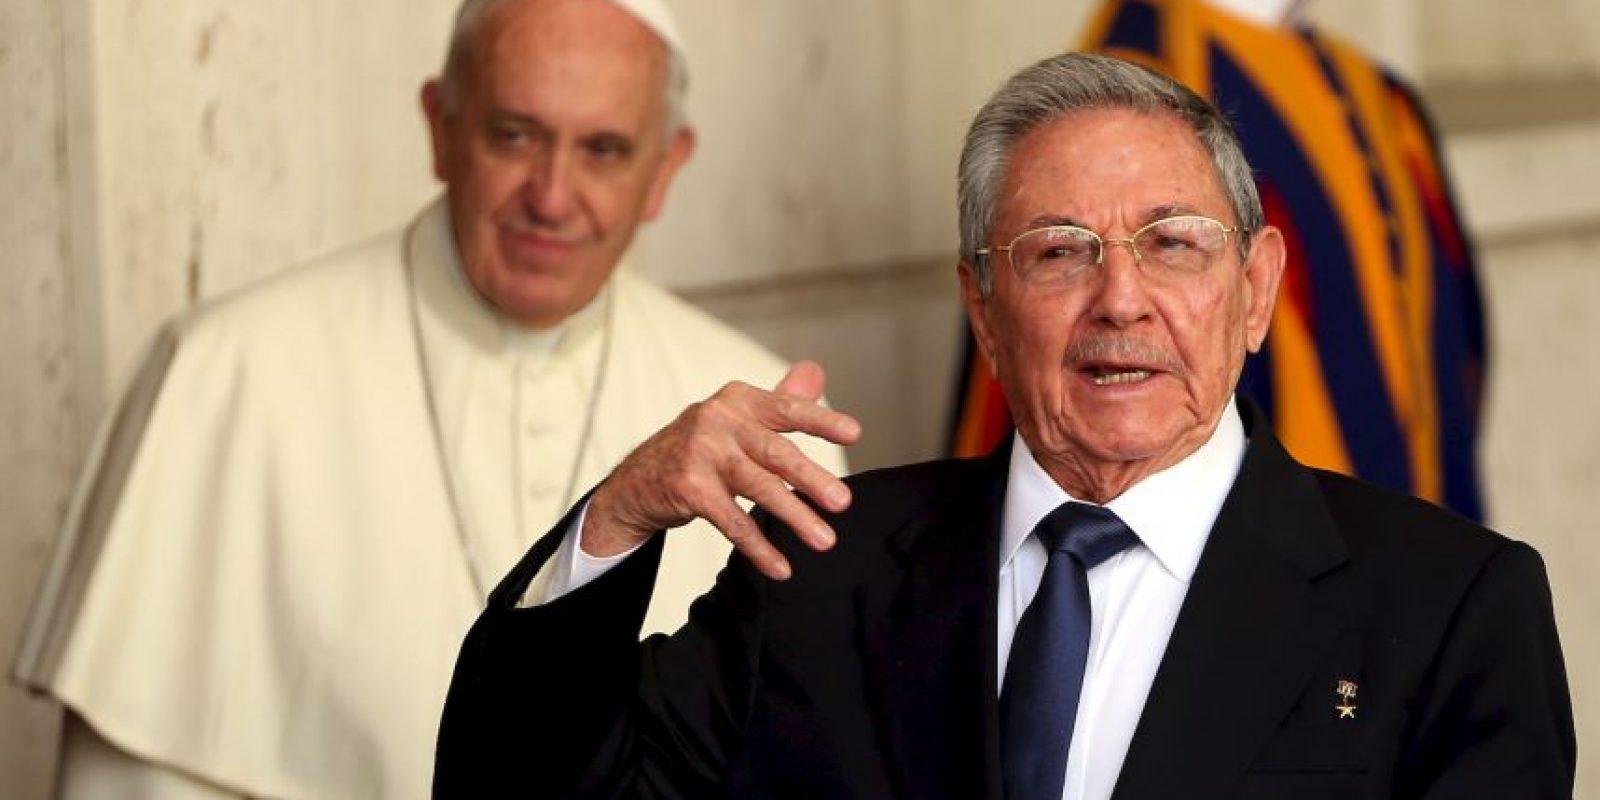 El 17 de diciembre de 2014, los presidentes Barack Obama y Raúl Castro anunciaron el descongelamiento de las relaciones entre Cuba y Estados Unidos. Ambos agradecieron al Papa Francisco por su negociación e intervención para llegar a este punto. Foto:Getty Images